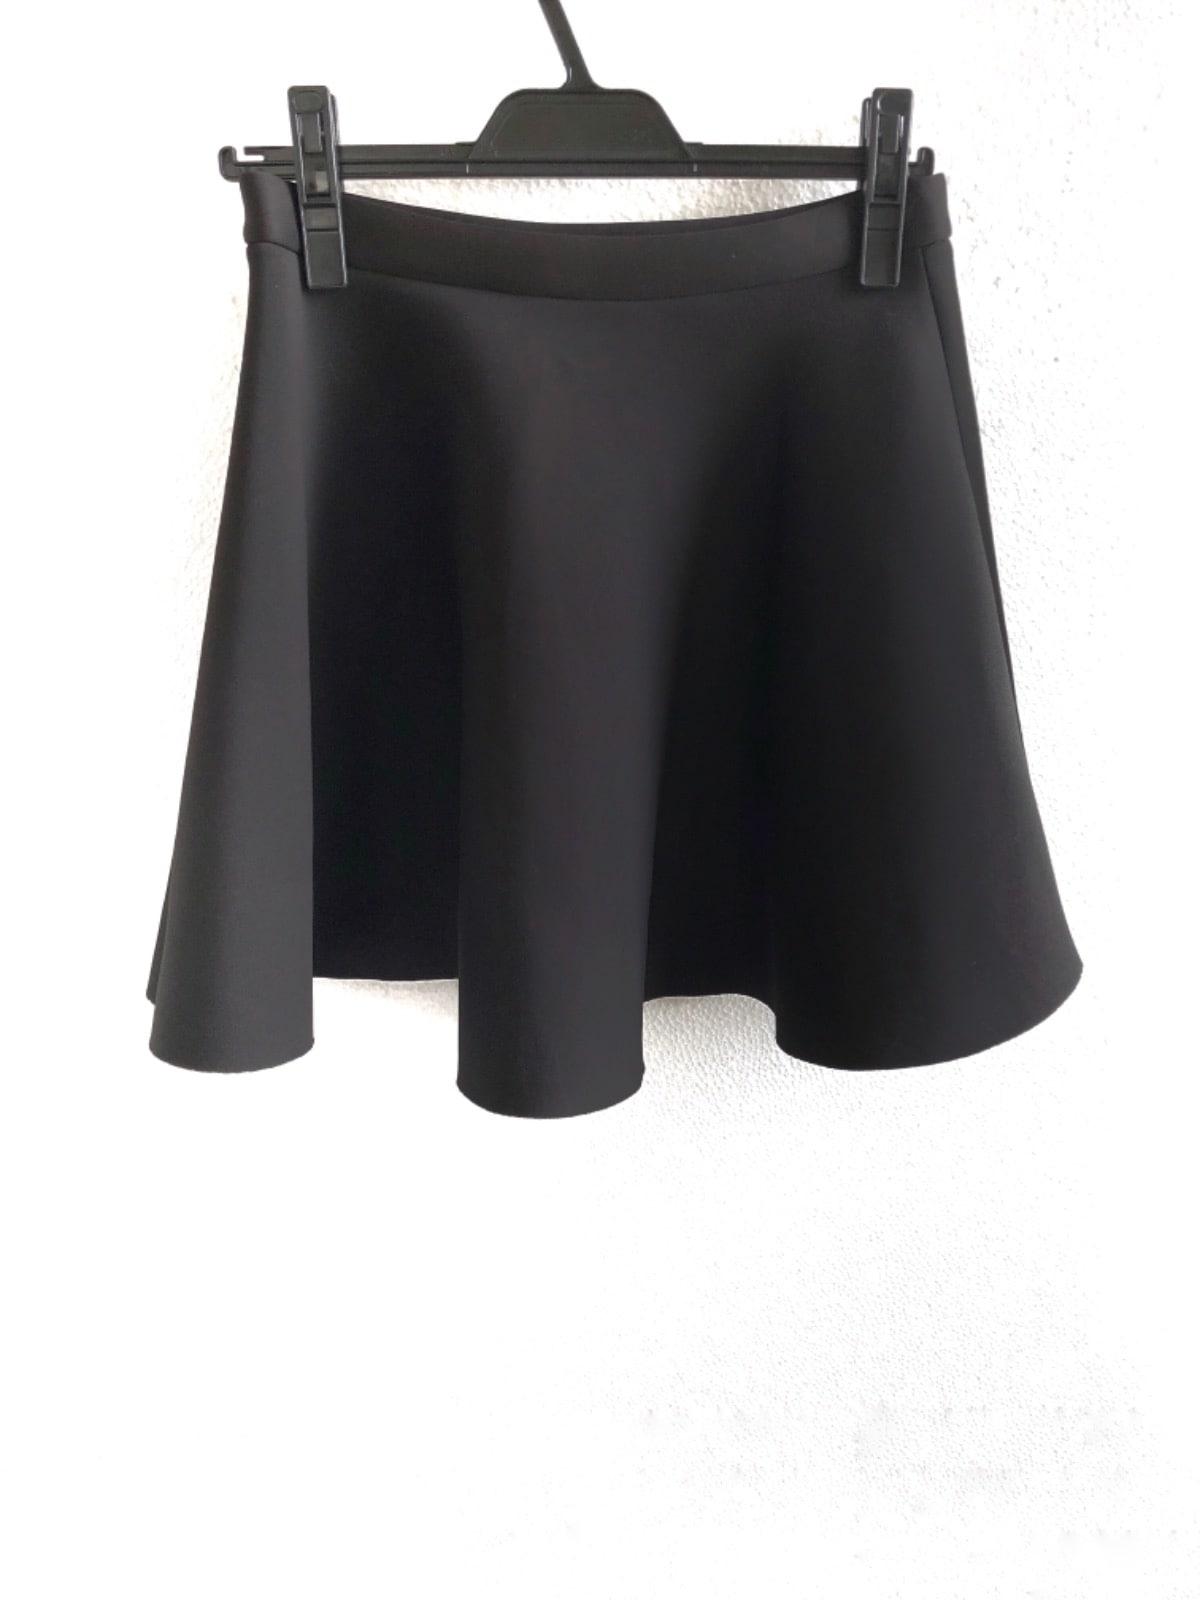 LE MONT ST MICHEL(ルモンサンミッシェル)のスカート